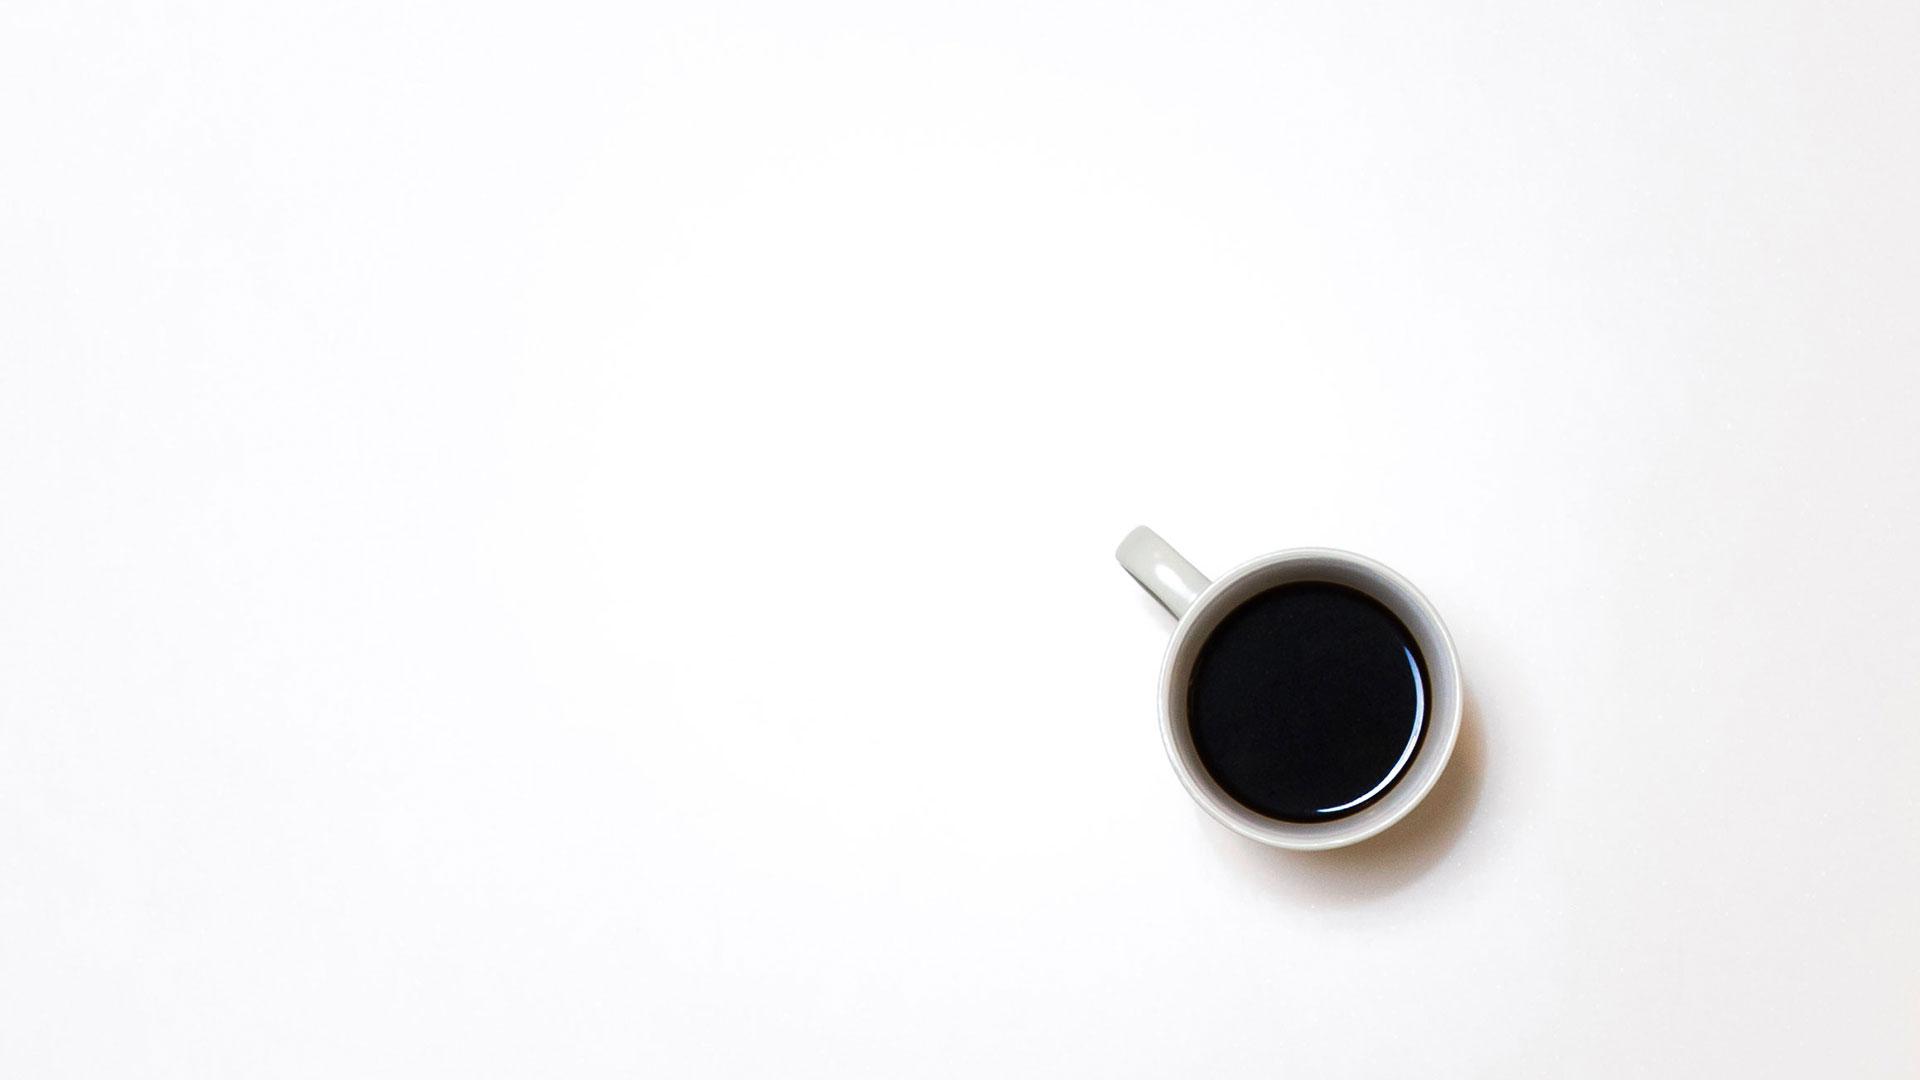 기분좋은 커피한잔을 위해 노력합니다.